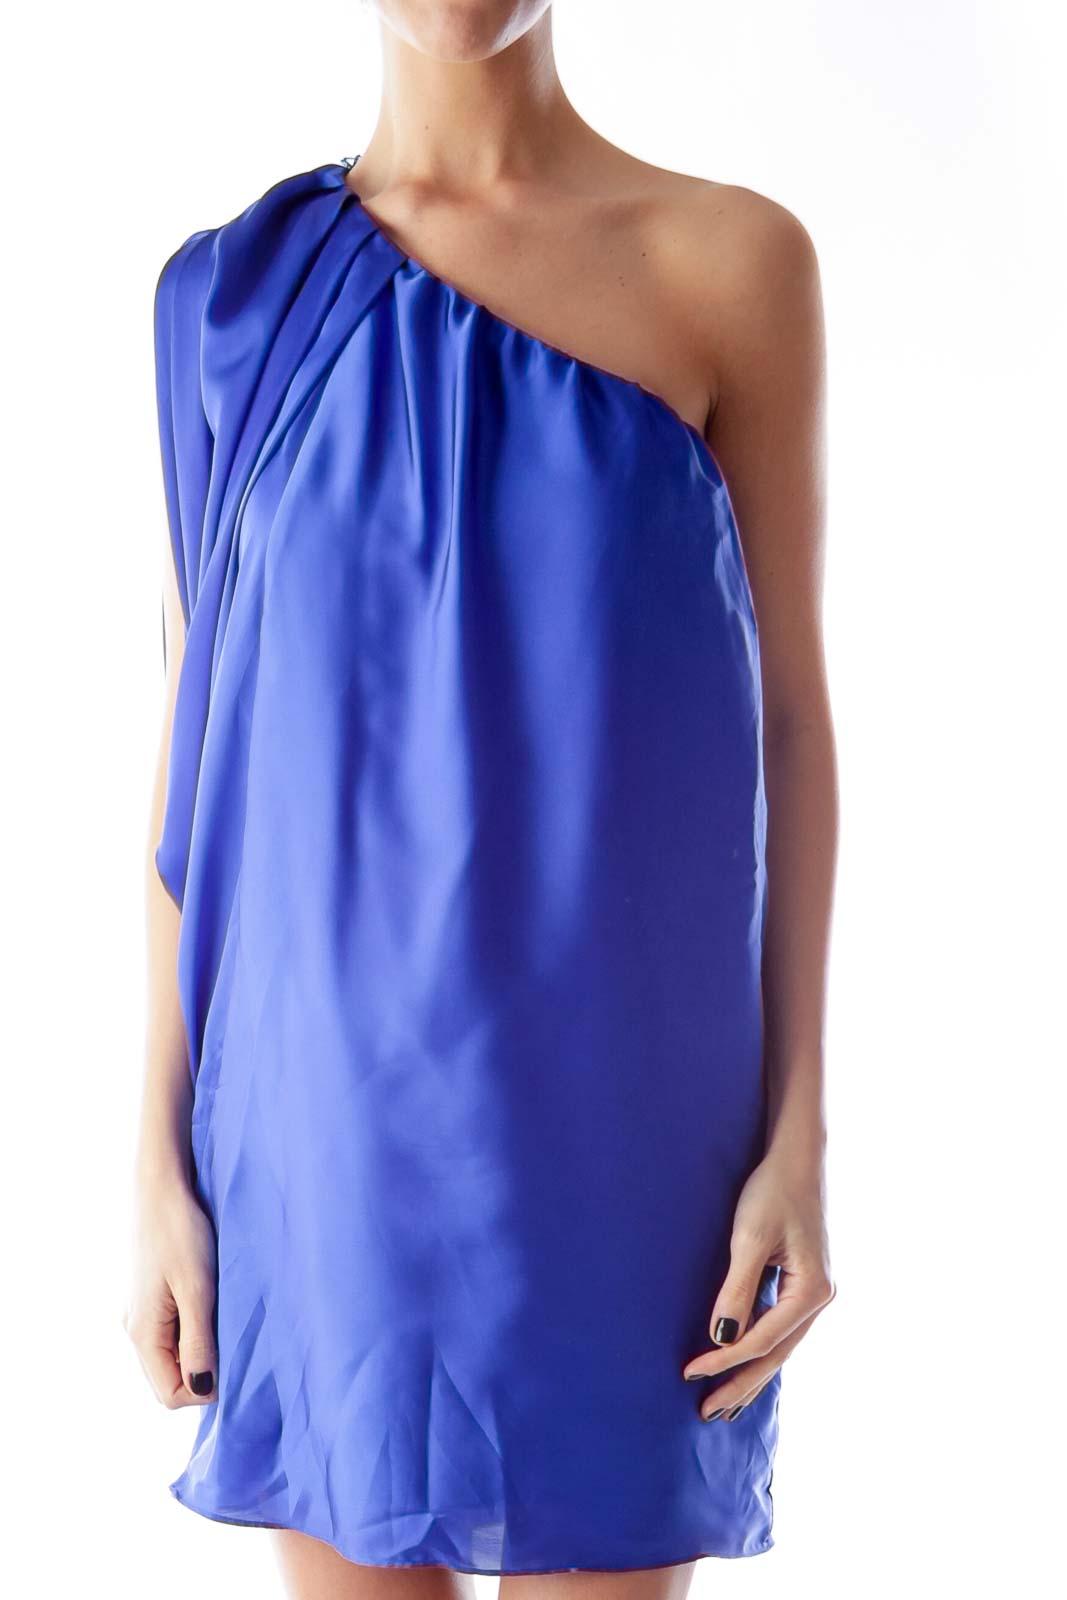 Blue One Shoulder Satin Dress Front